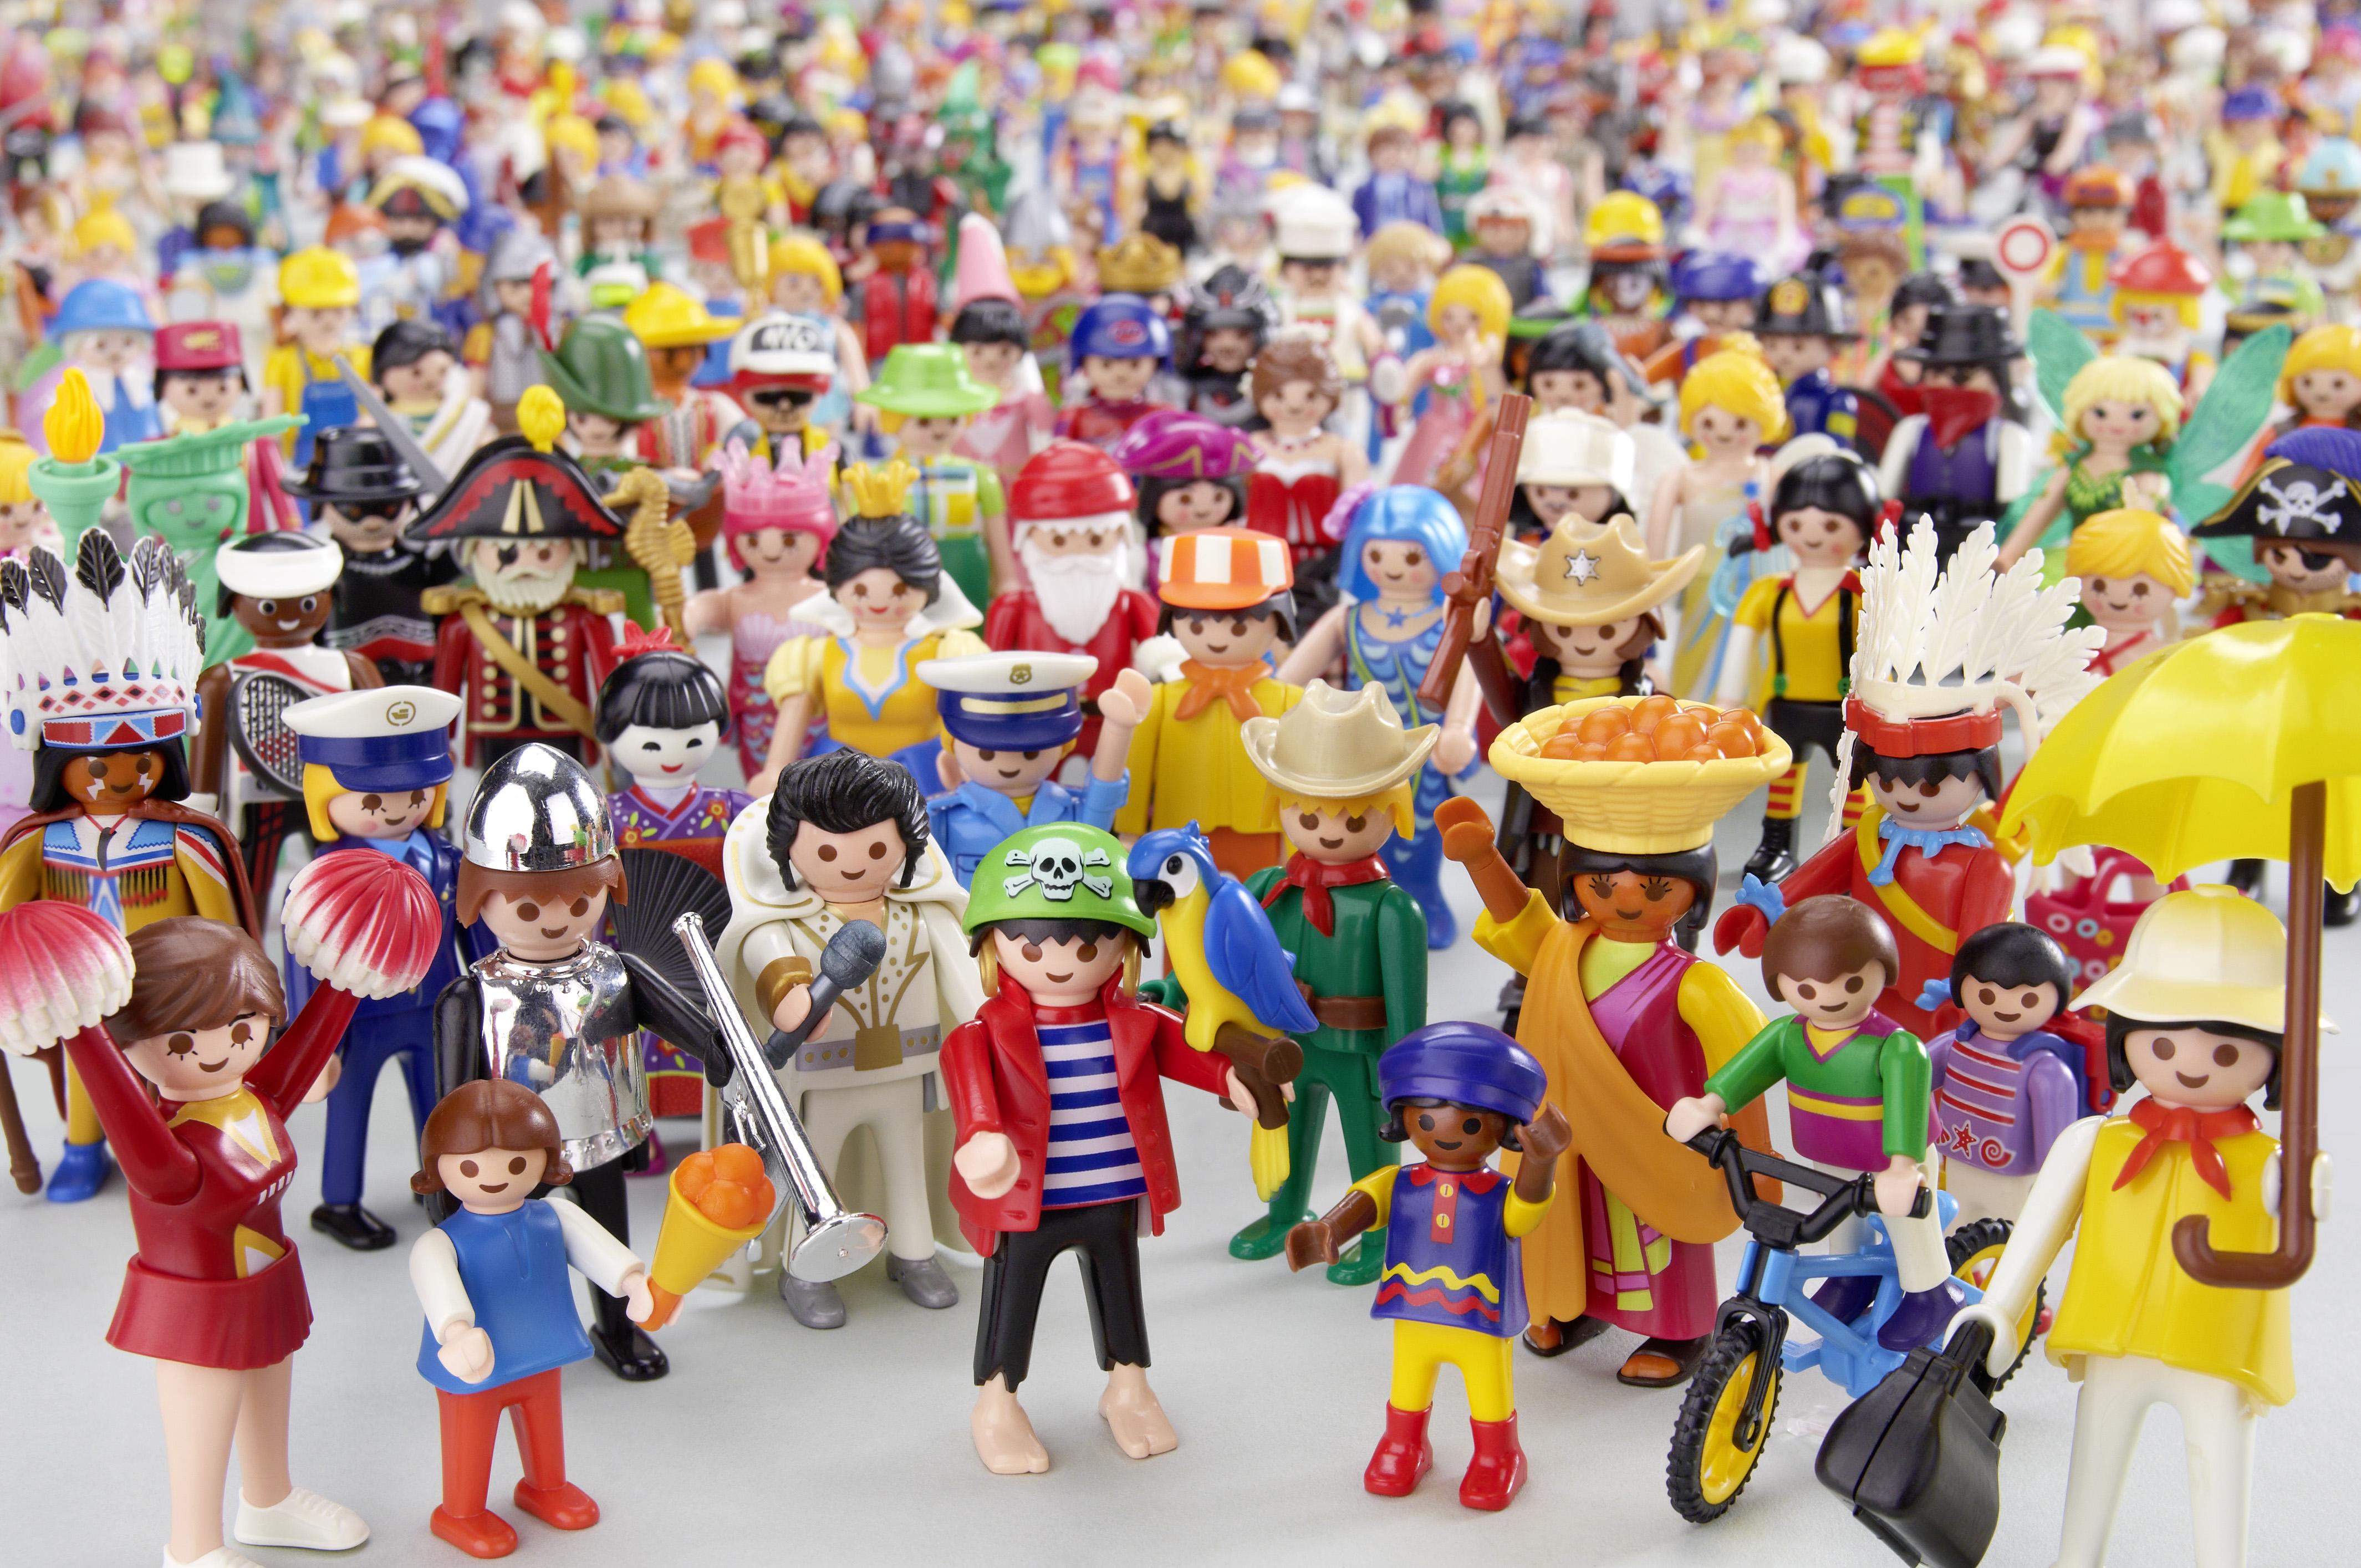 PLAYMOBIL-Geburtstagsfoto_600 Figuren